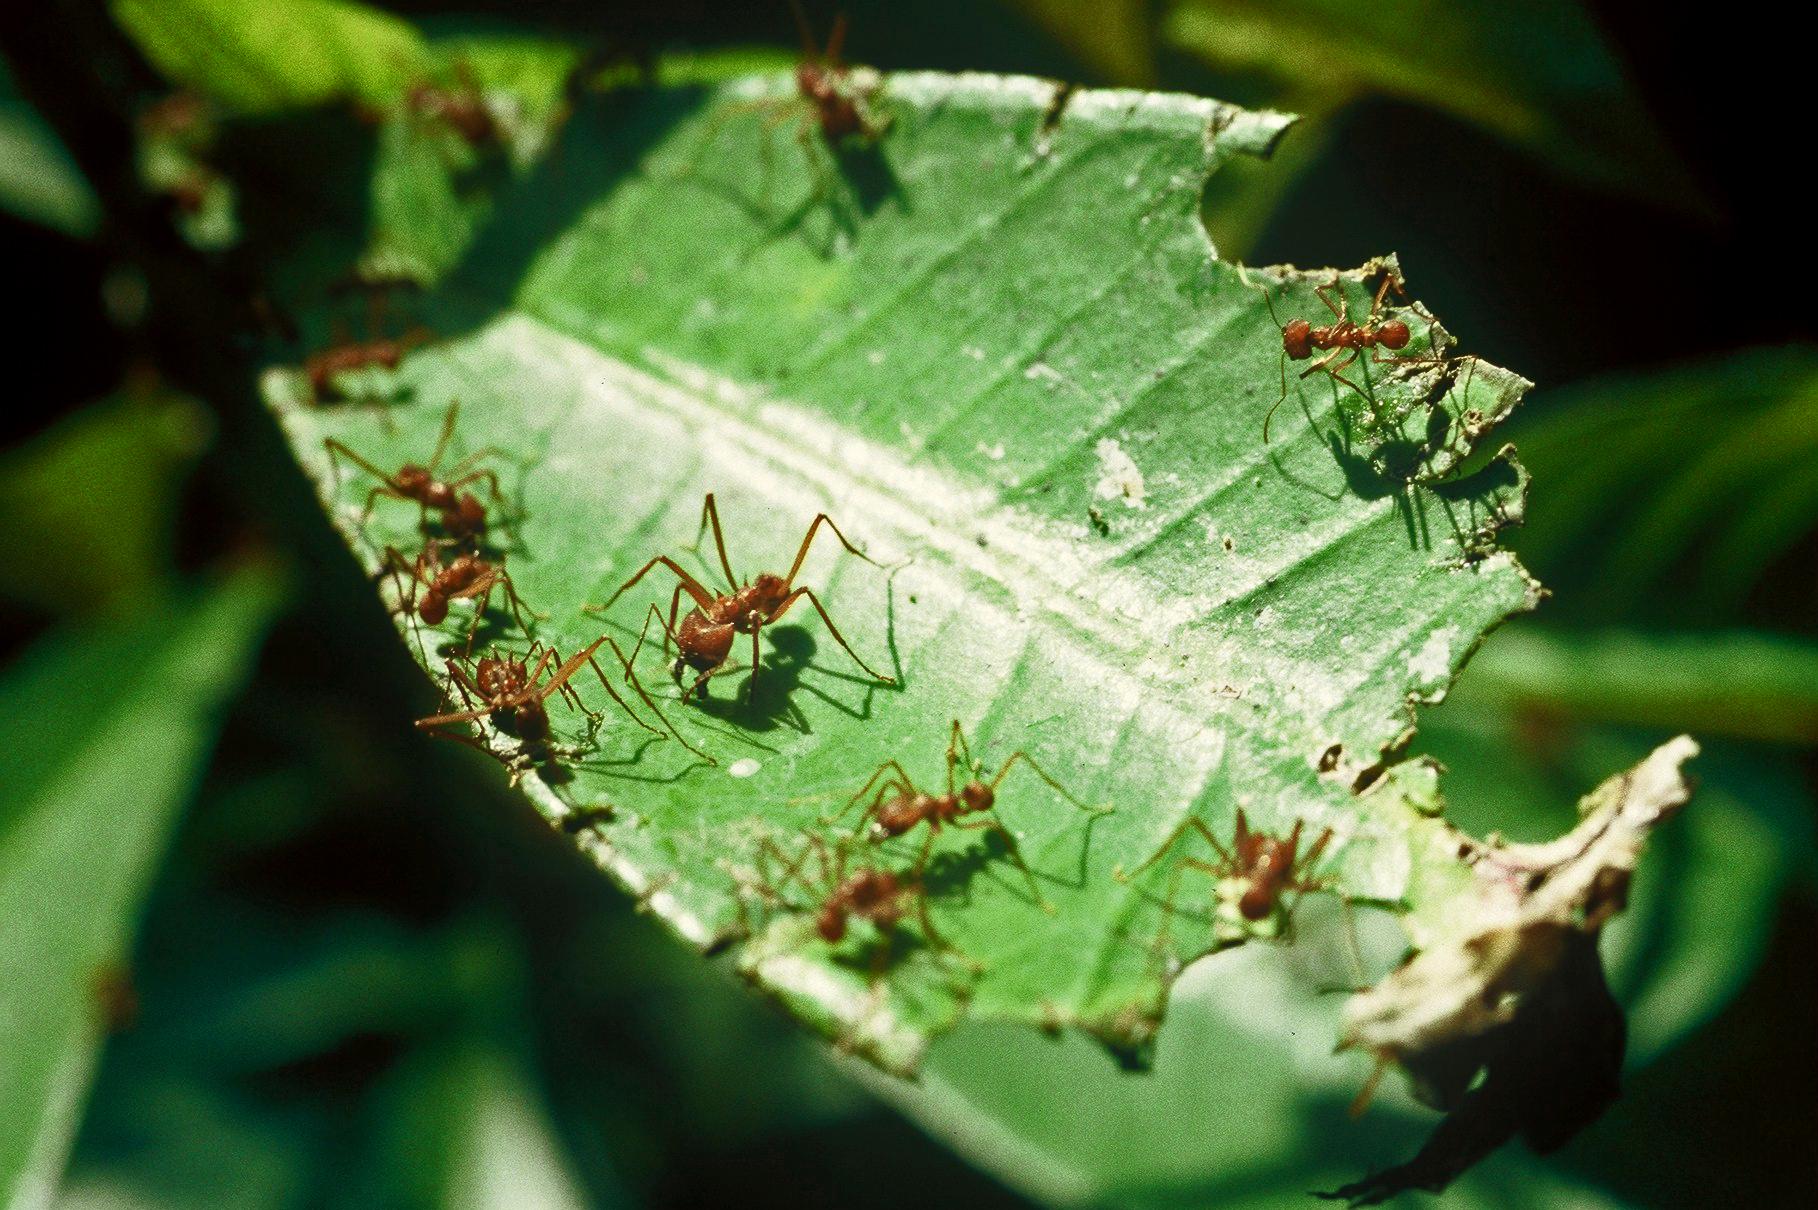 LEAF CUTTING ANTS (Atta sp.)